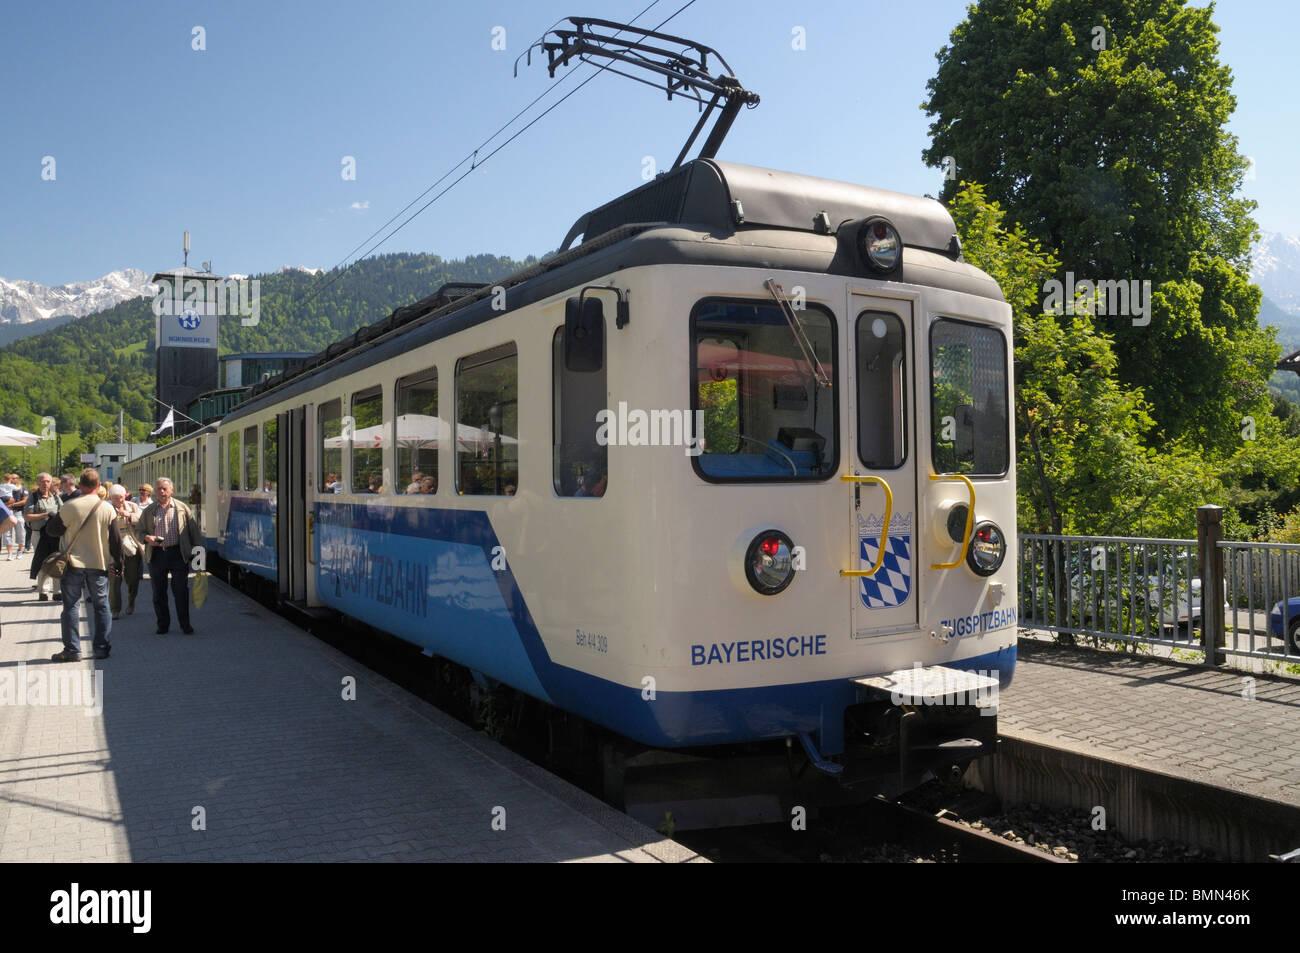 Train of the Bayerische Zugspitzbahn mountain railway, Garmisch-Partenkirchen, Bavaria - Stock Image